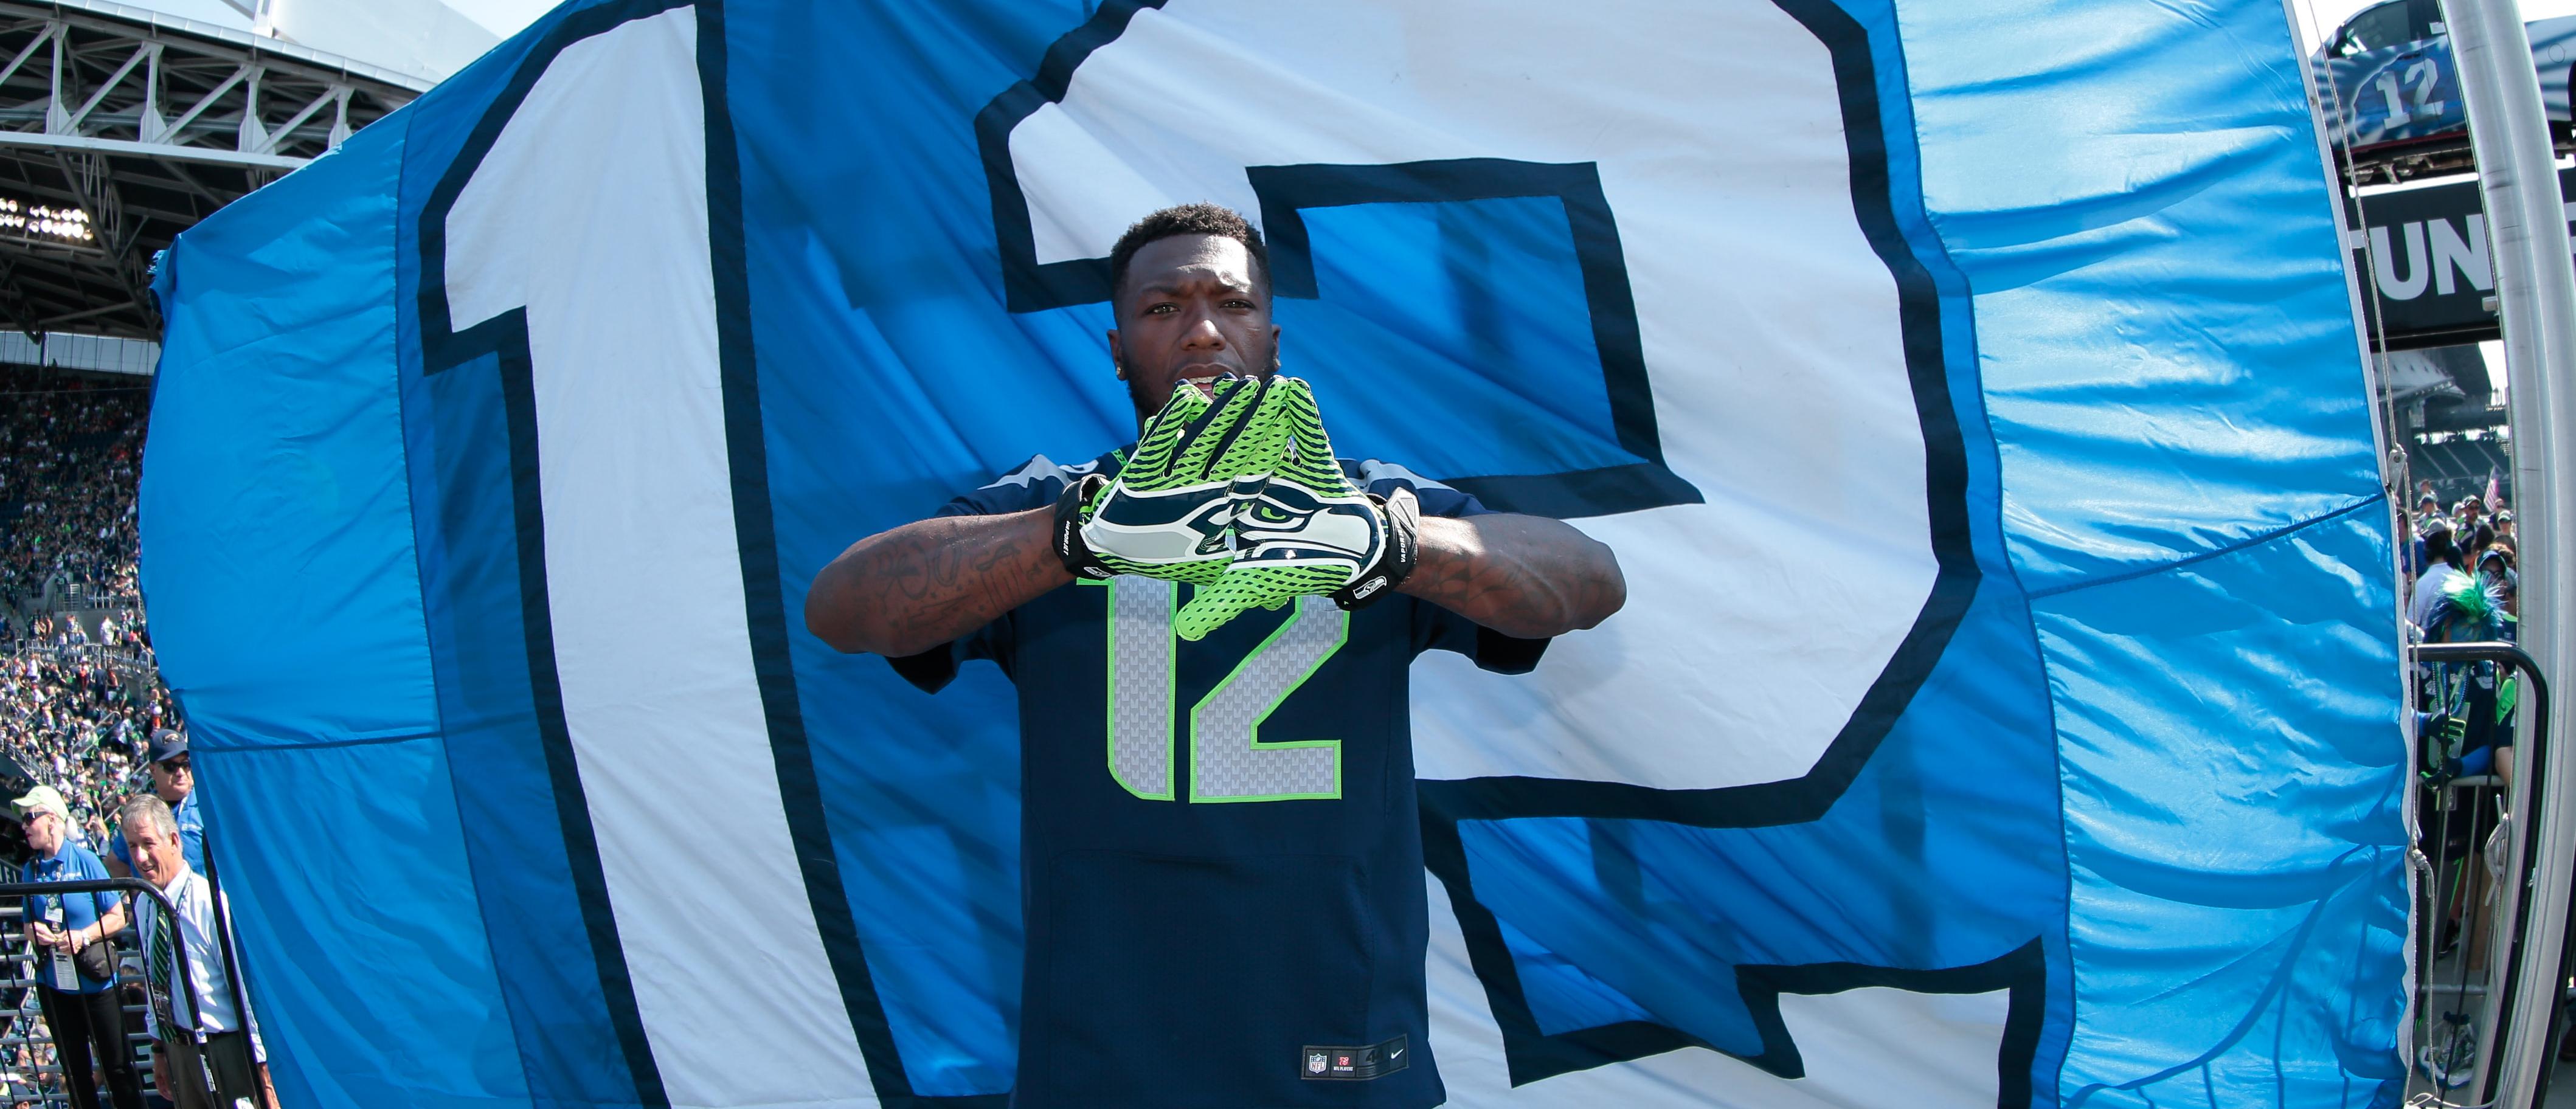 Seattle Seahawks 12 Flag Raisers Seattle Seahawks Seahawks Com